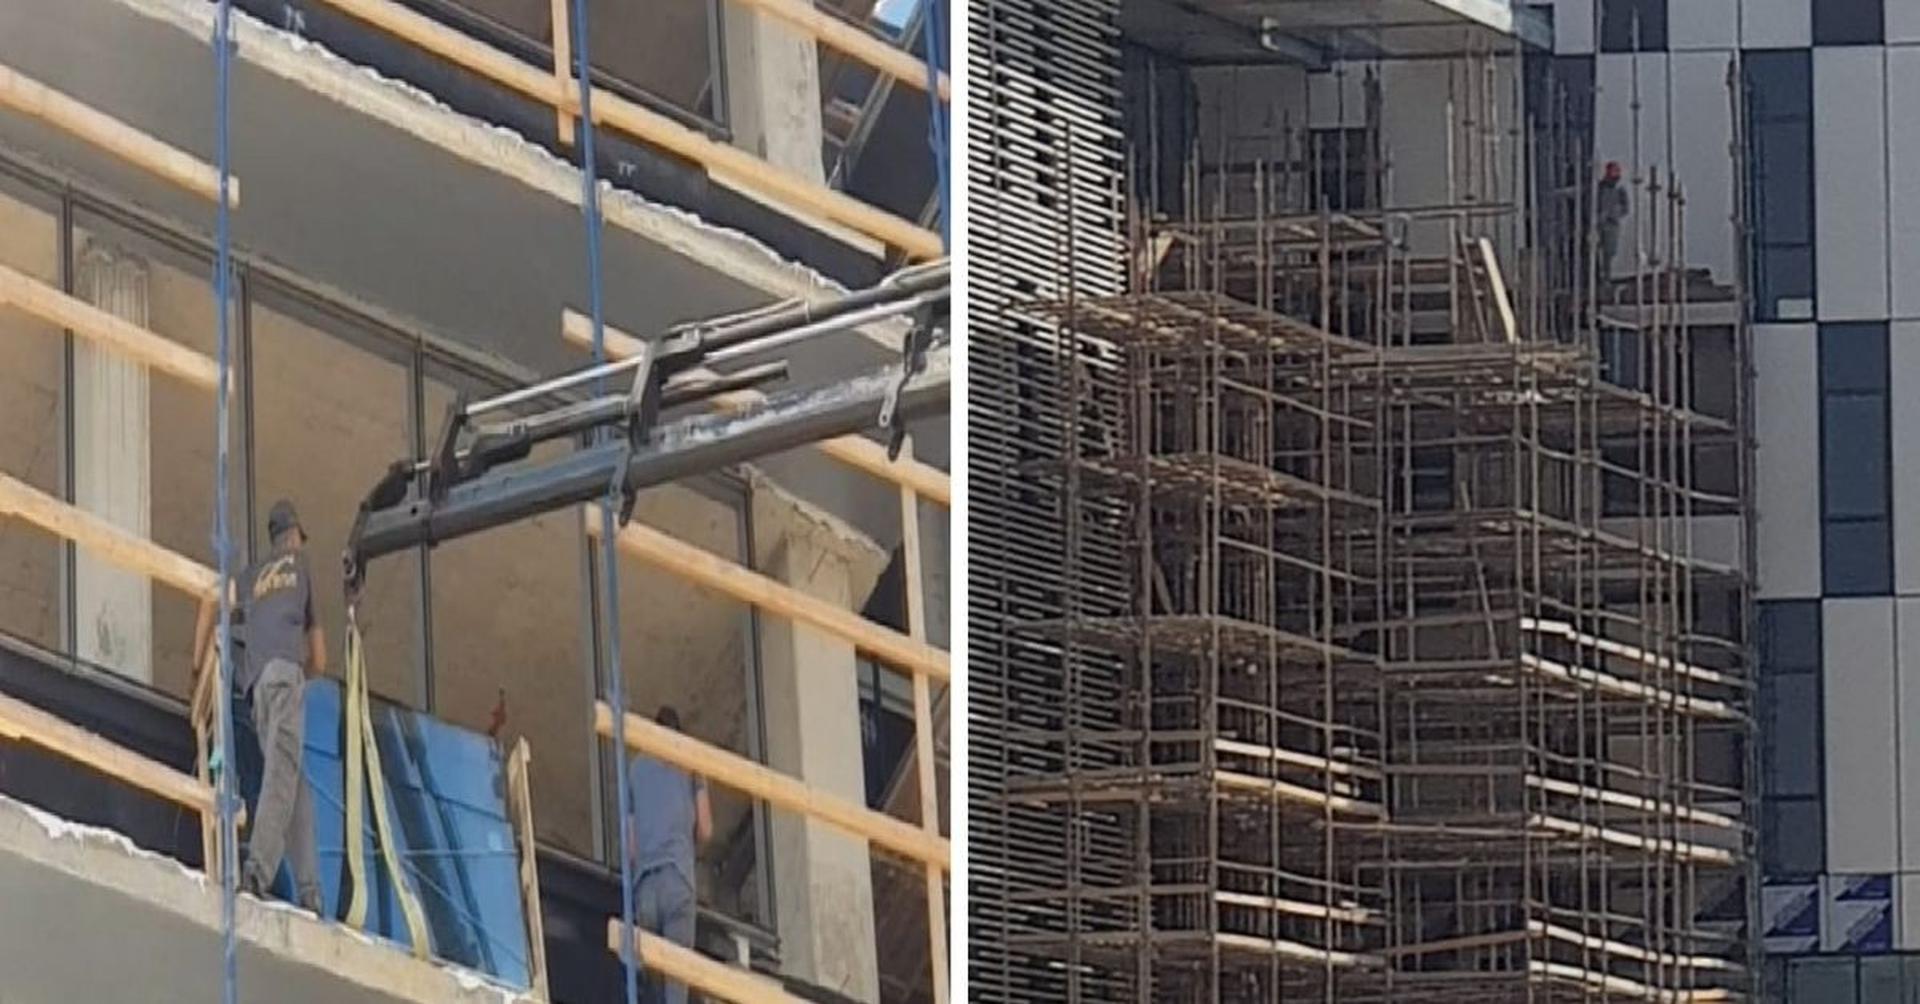 אתרי בנייה במודיעין - עובדים ללא רתמה וקסדות | צילום: מוקד קו לחיים